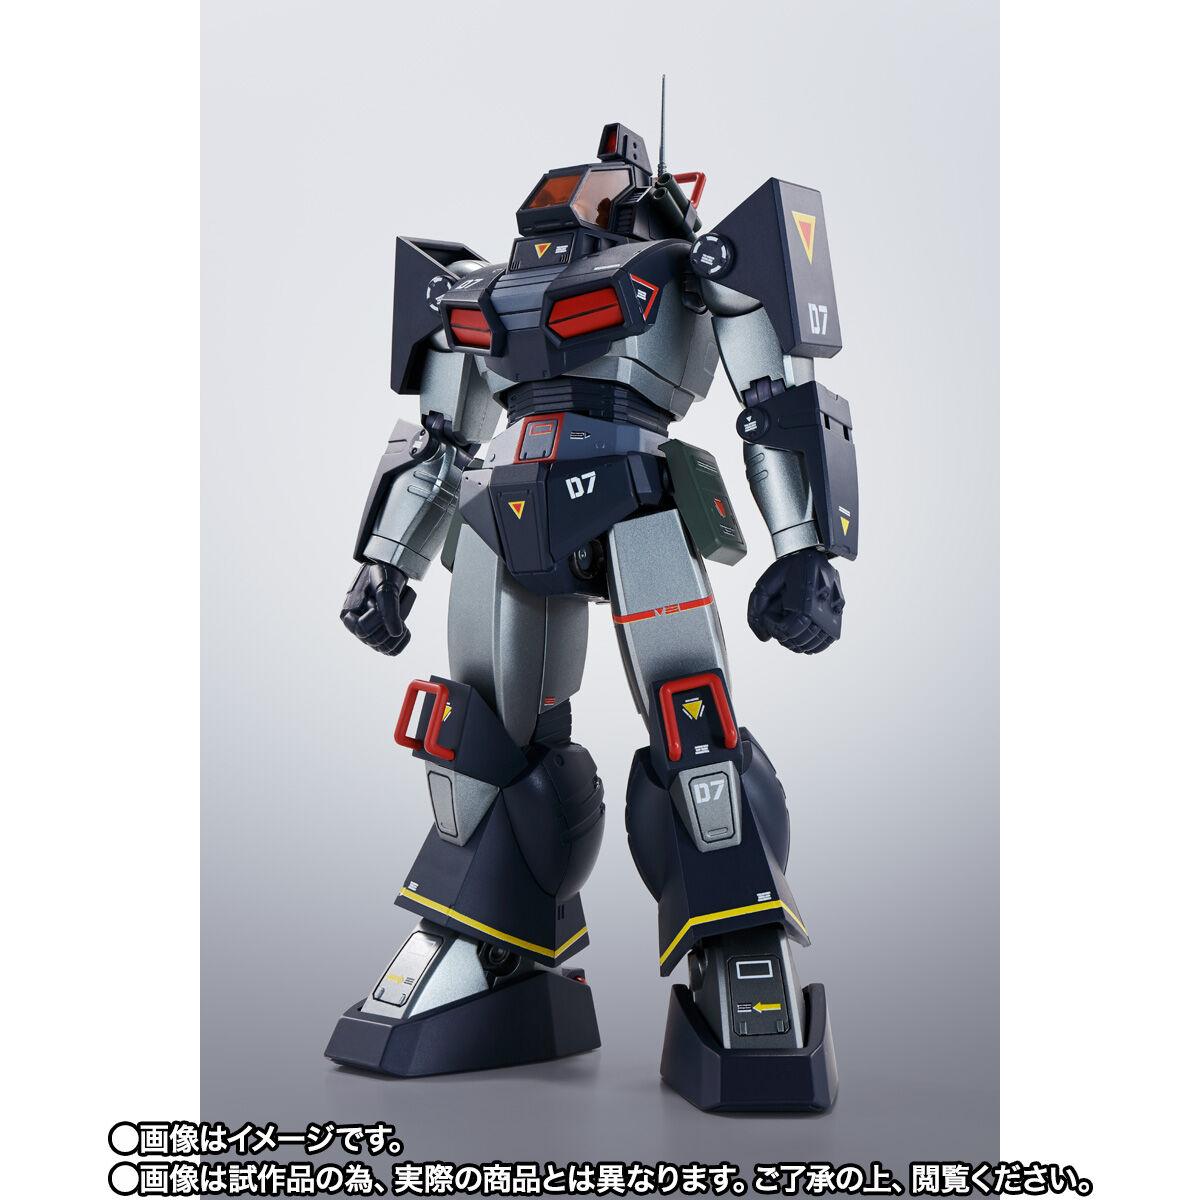 【限定販売】HI-METAL R『ダグラム & インステッド 40th Anniv.』太陽の牙ダグラム 可動フィギュア-002